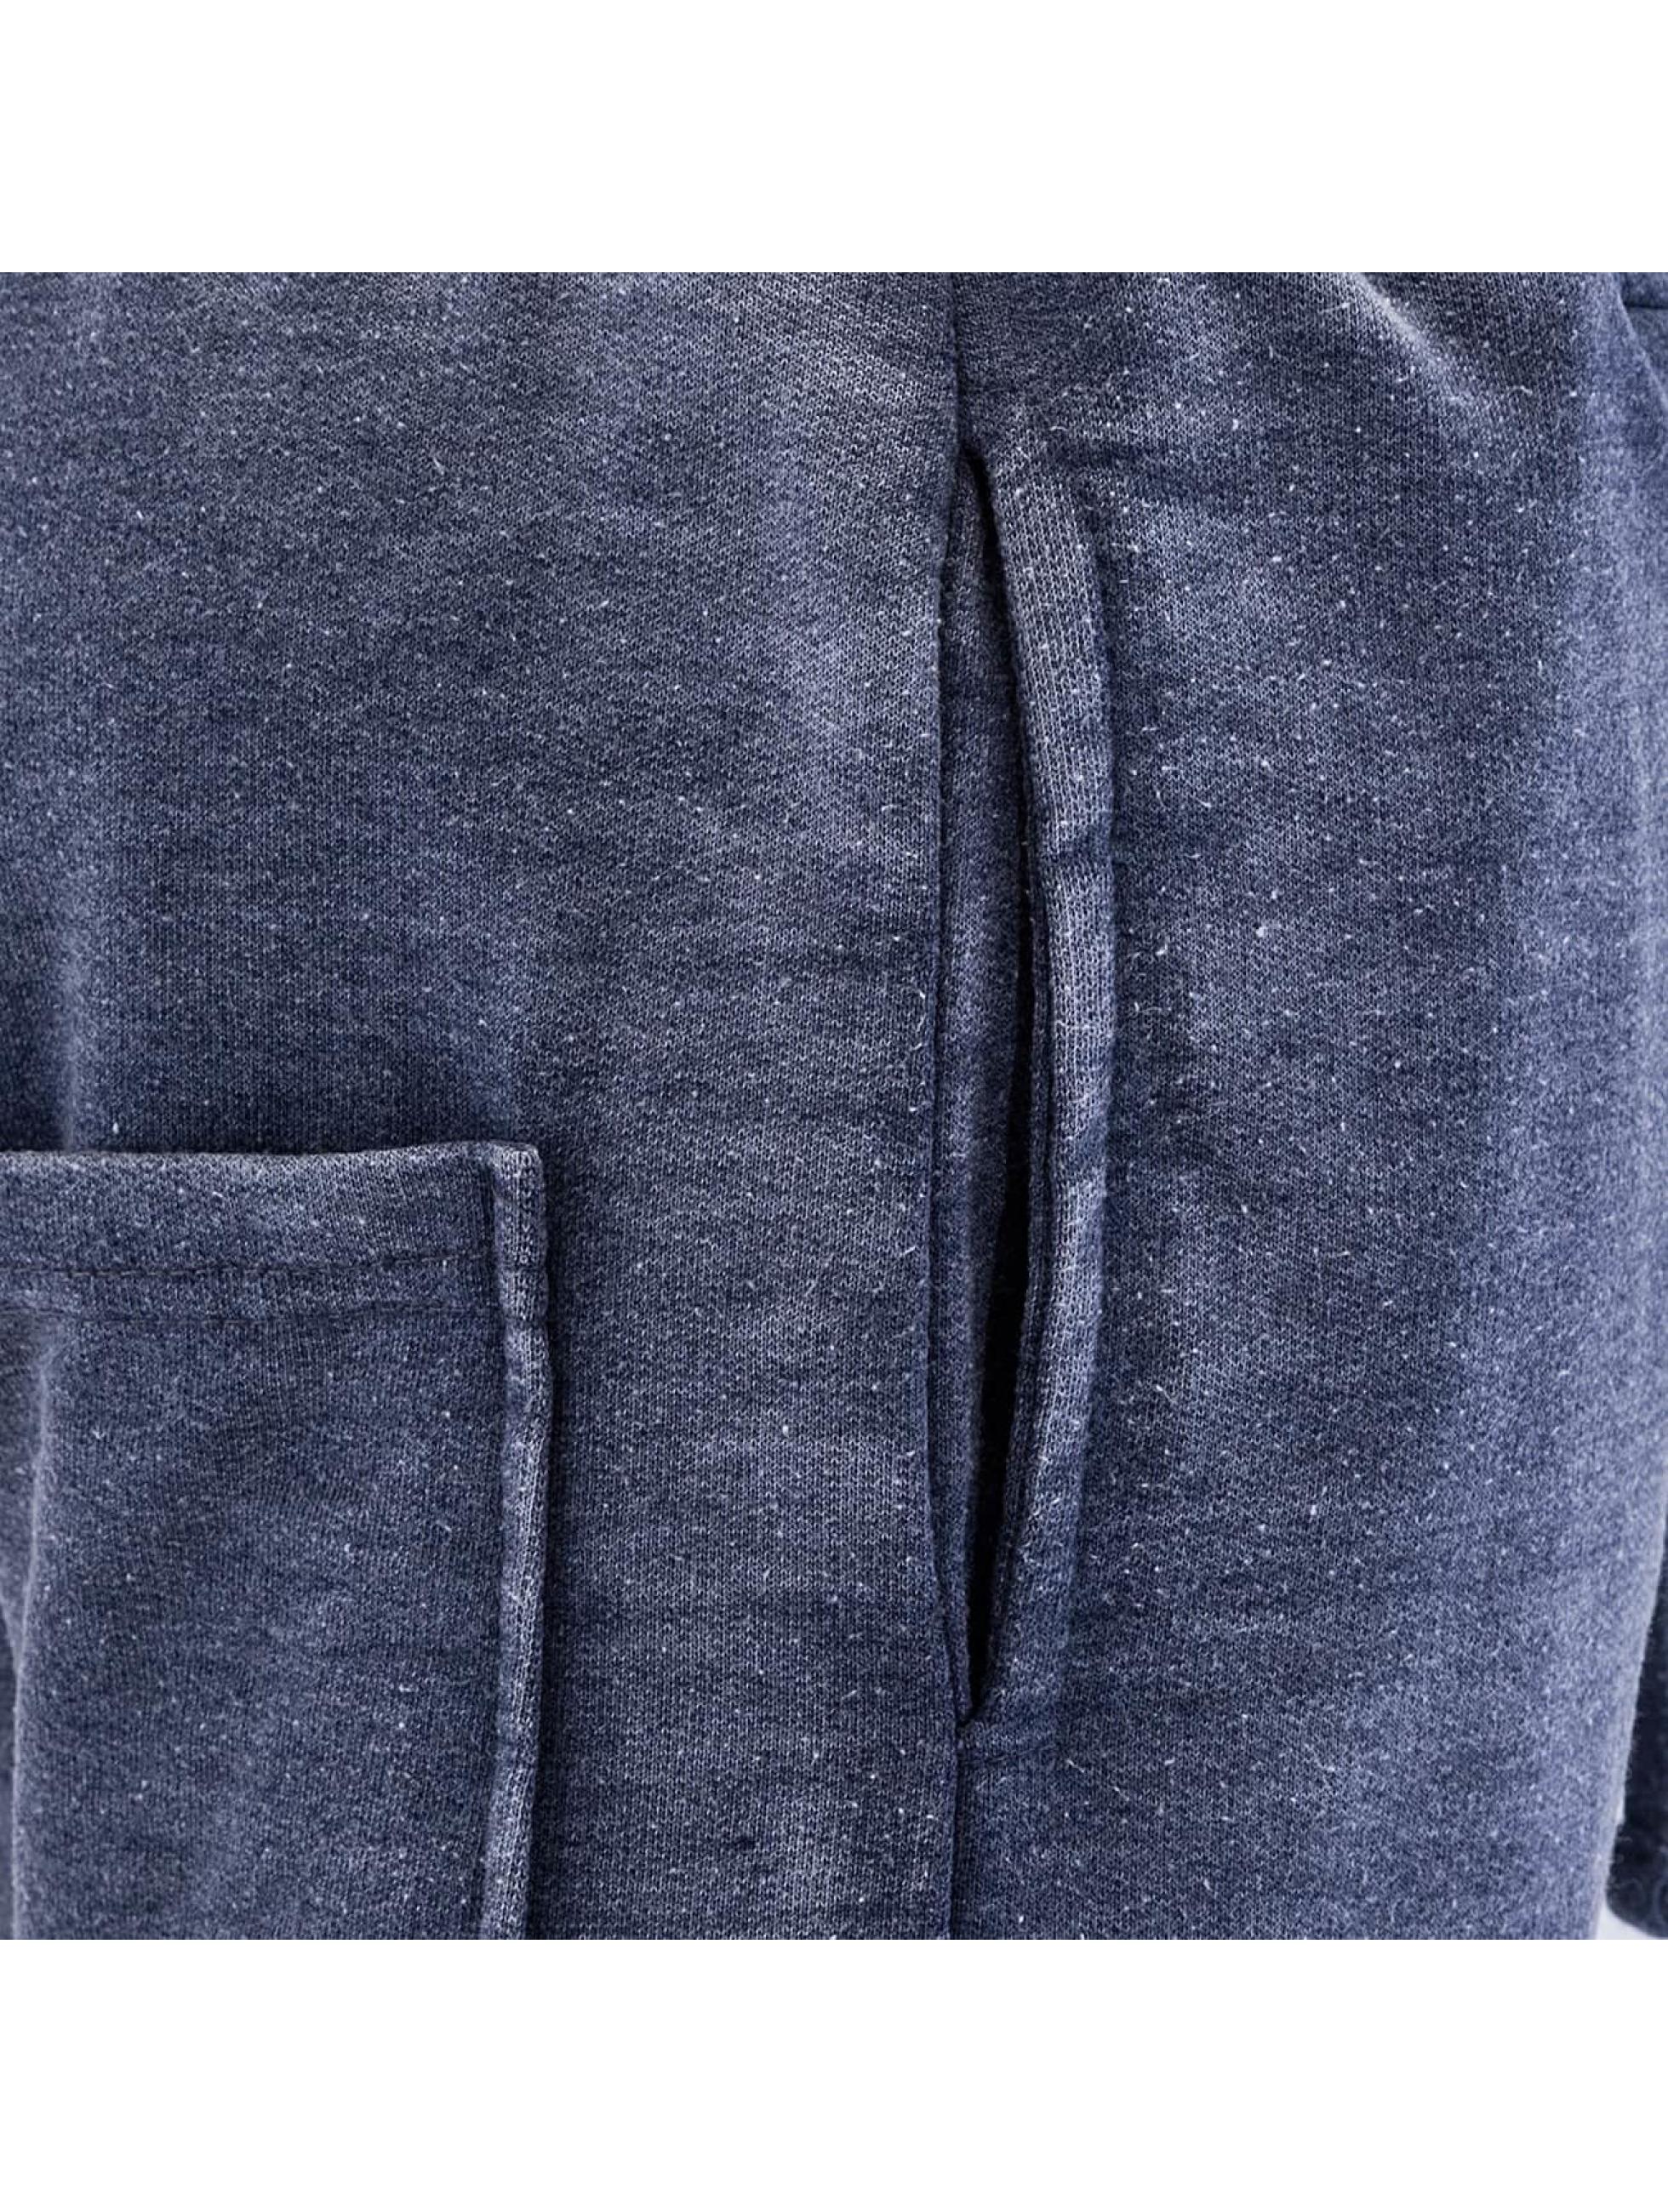 Just Rhyse Спортивные брюки Soft синий